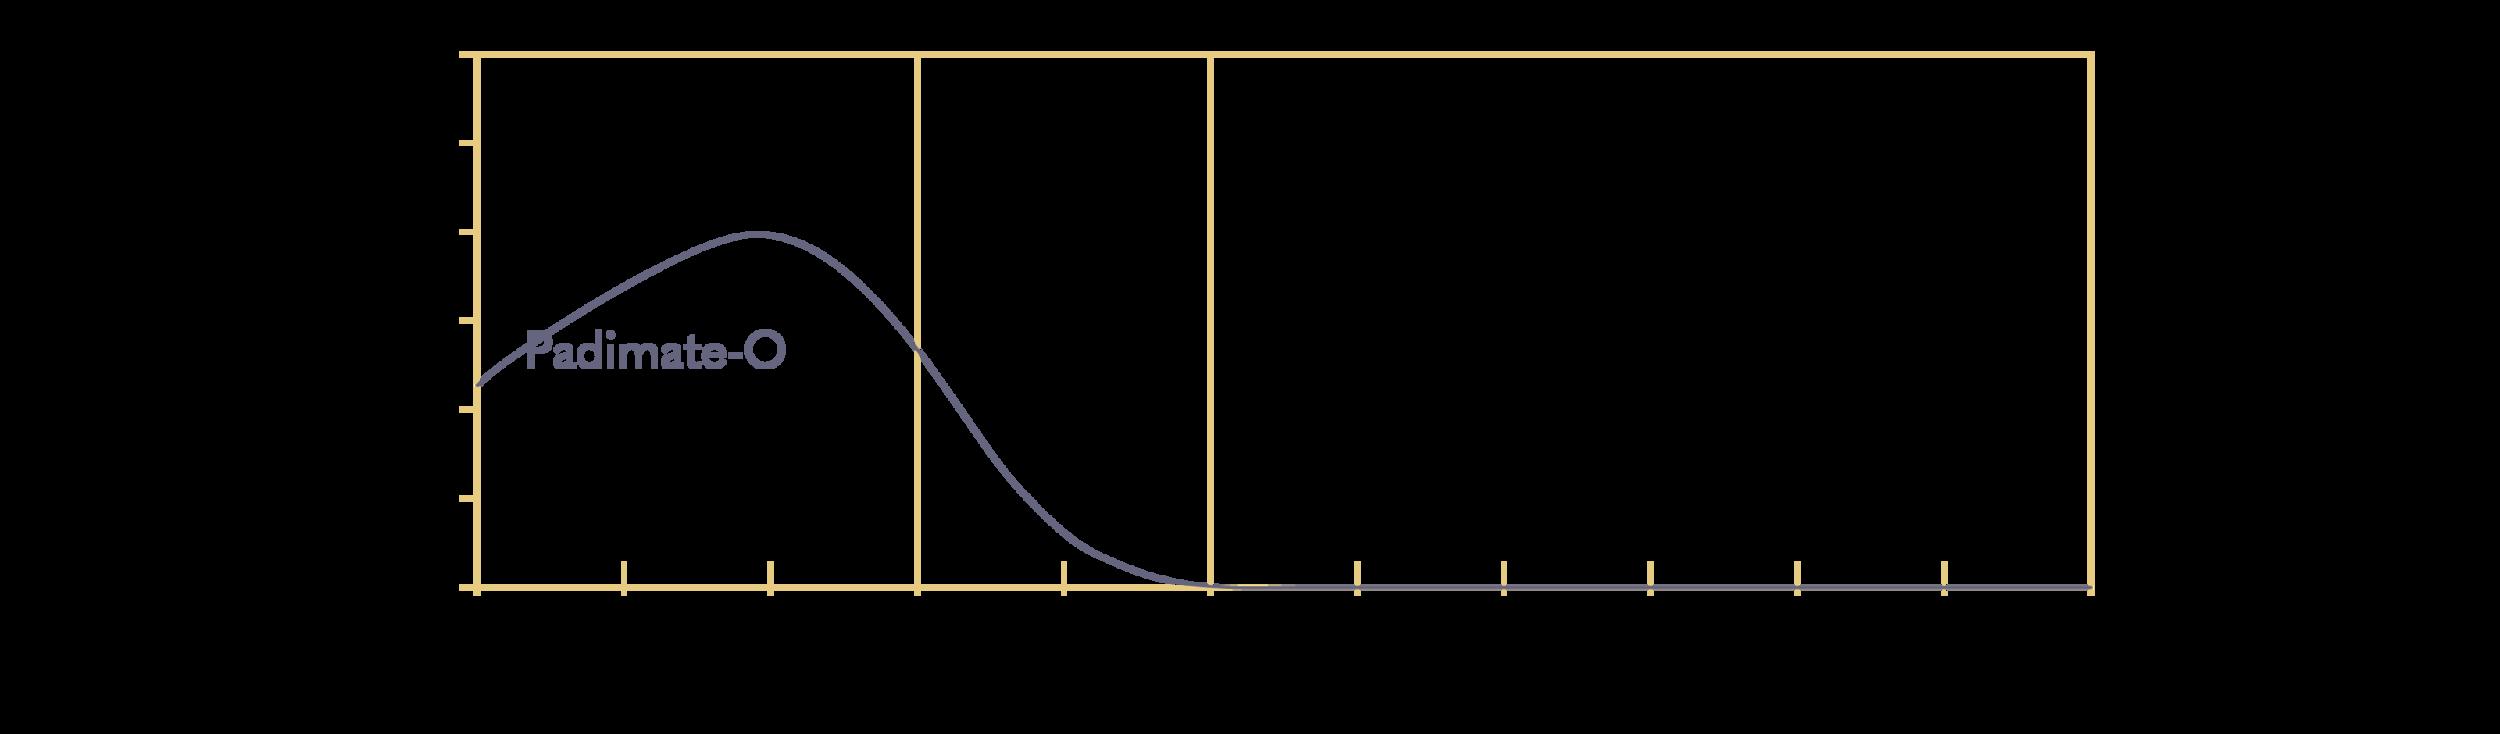 Padimate-O; INCI: 2-Ethylhexyl Dimethyl PABA